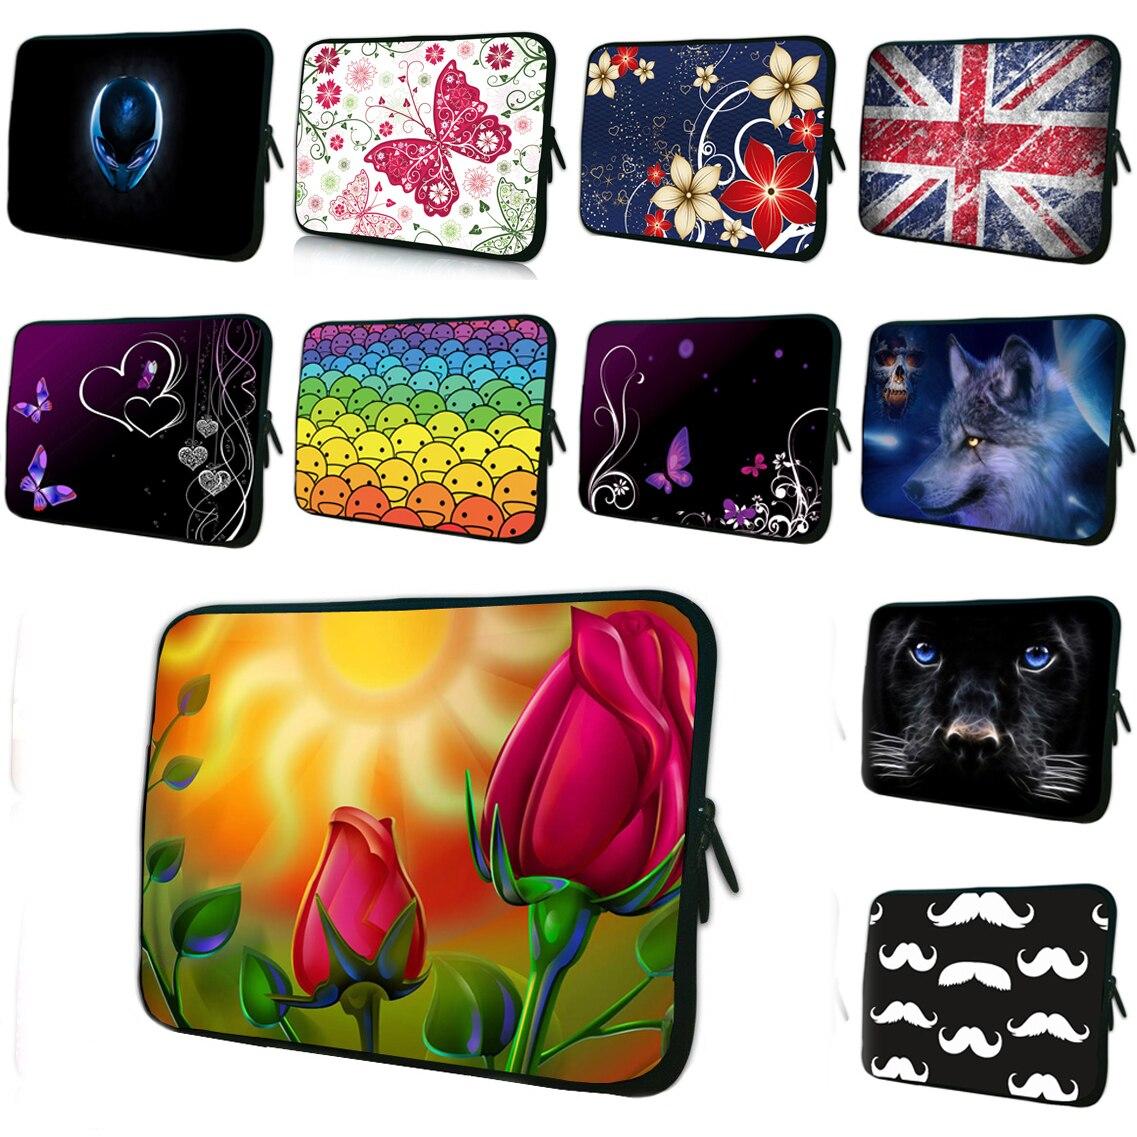 Tablet 10.1 Netbook Shell Inner Cases 7 8 9.7 10 11.6 Mini PC Women Bag Pouch Neoprene 12 13 14 15.6 17 17.4 Female Laptop Bags